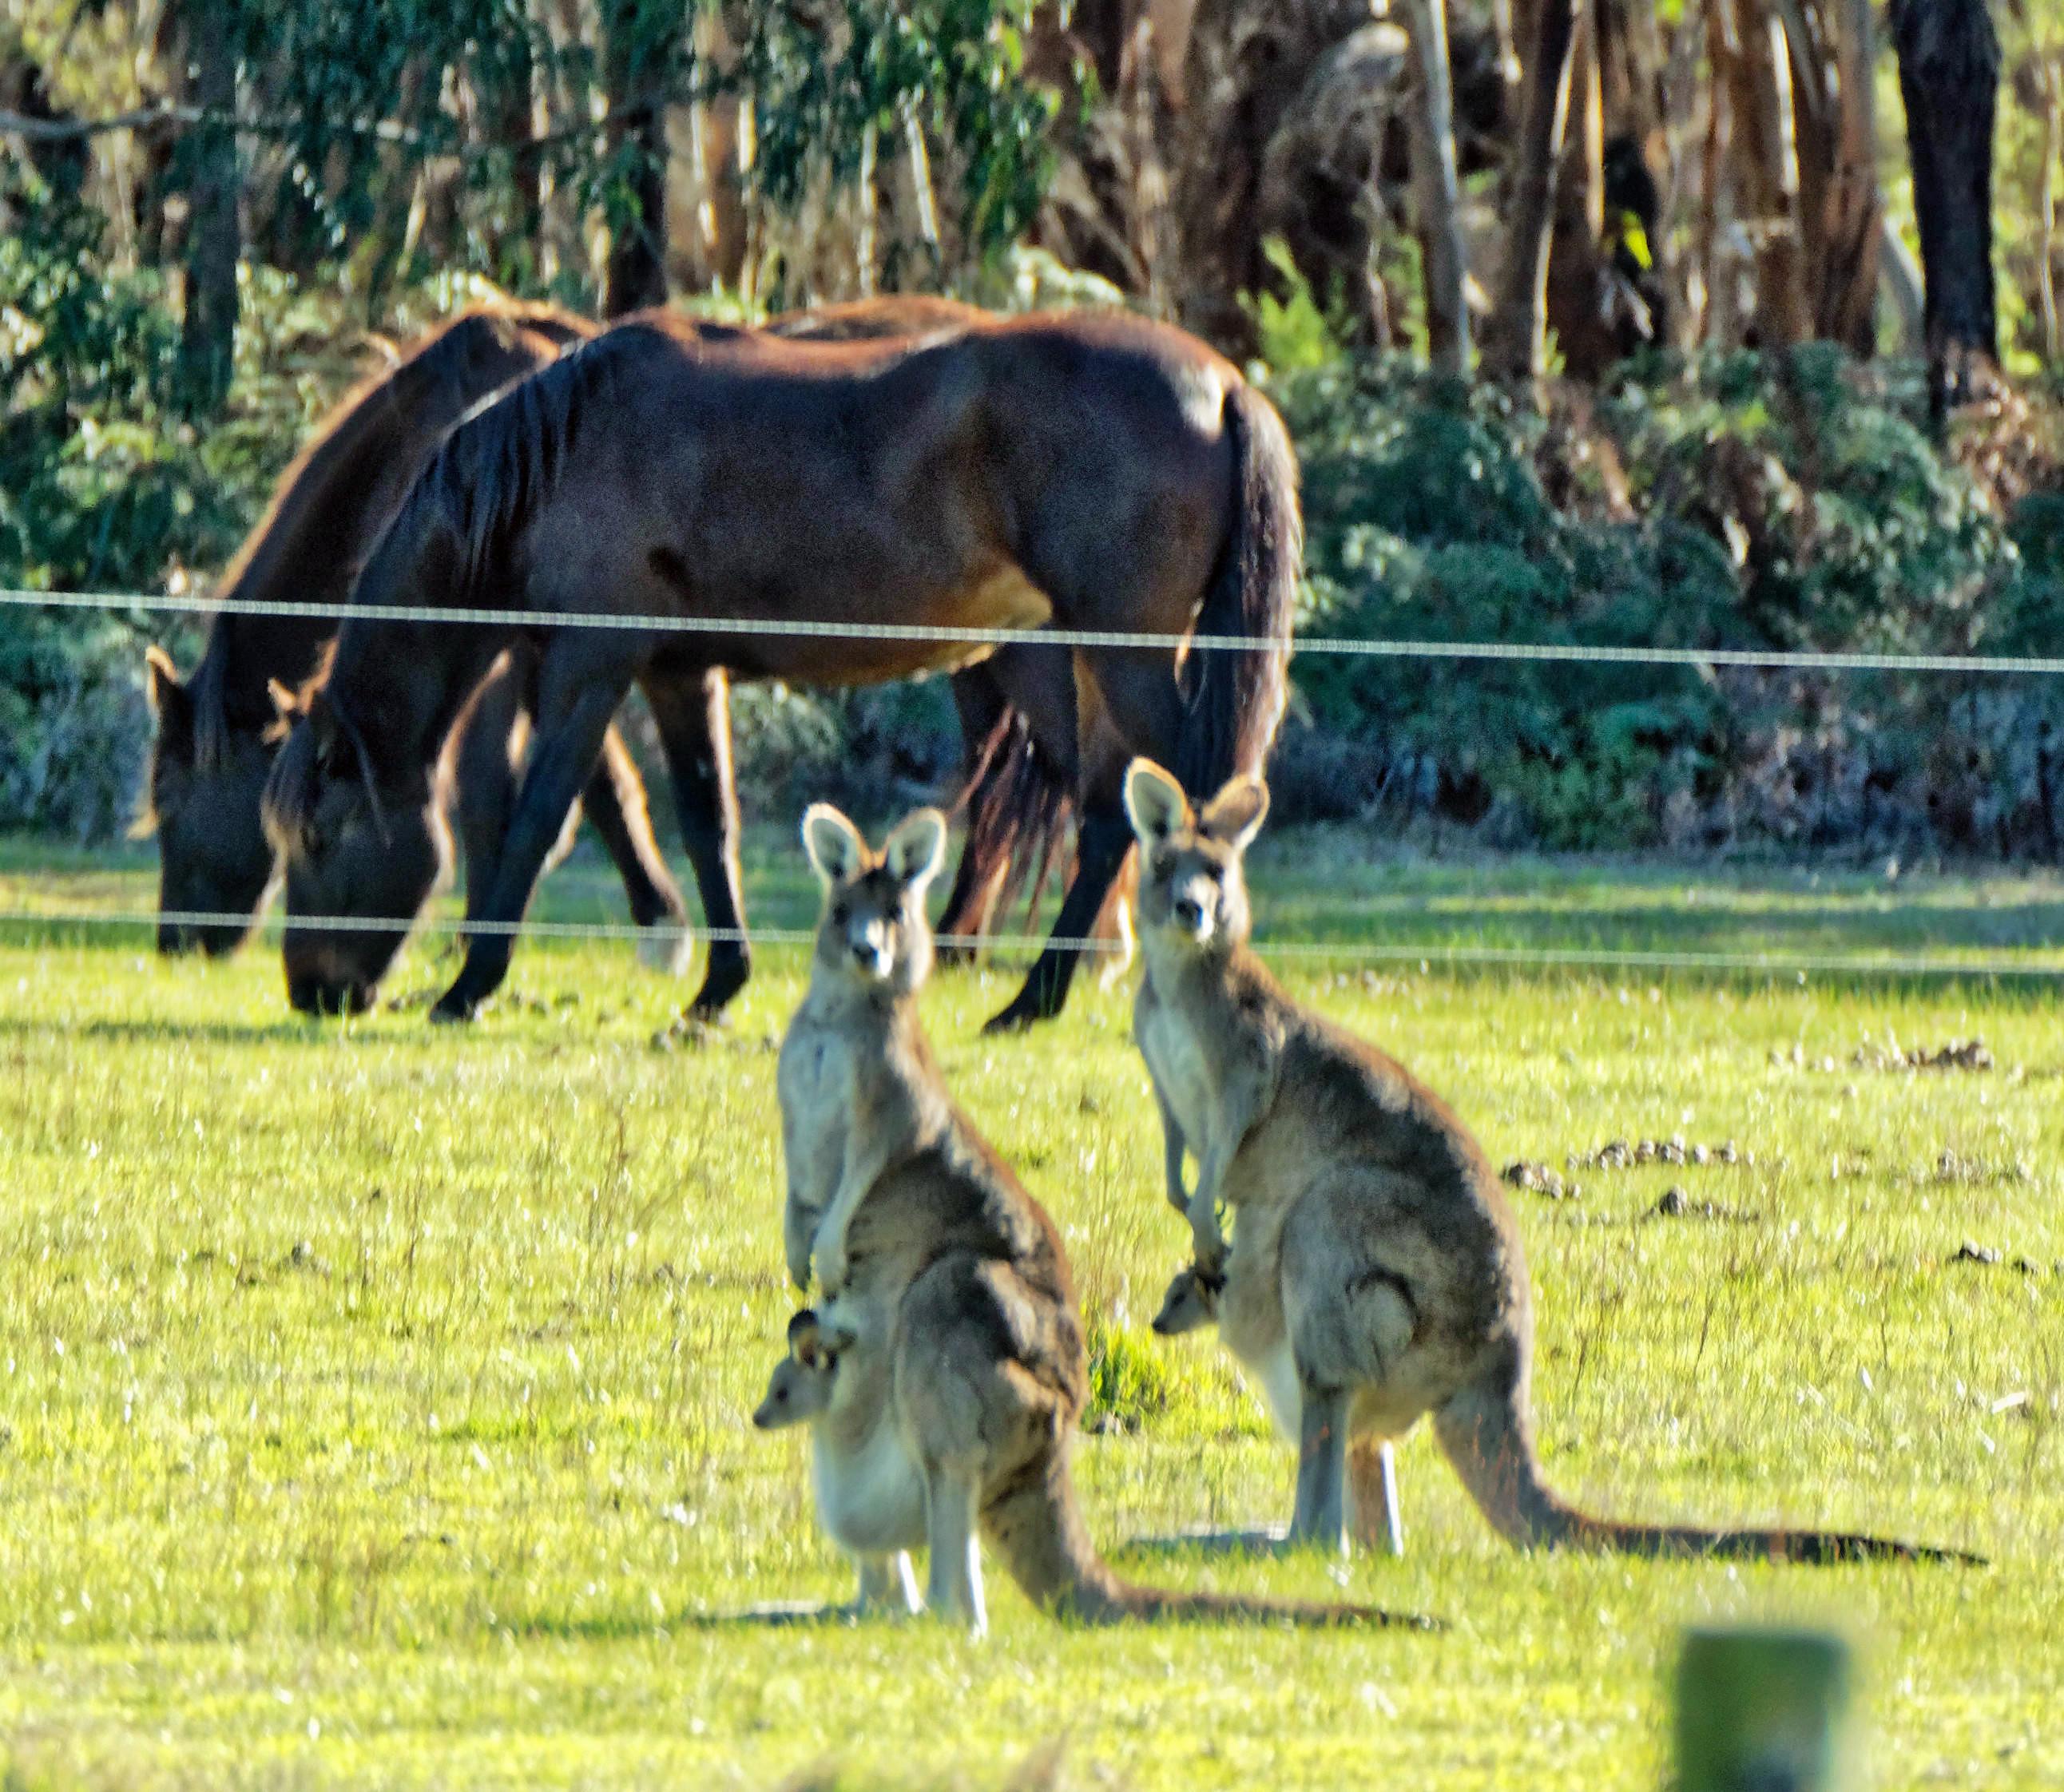 Kangaroos-55.jpeg